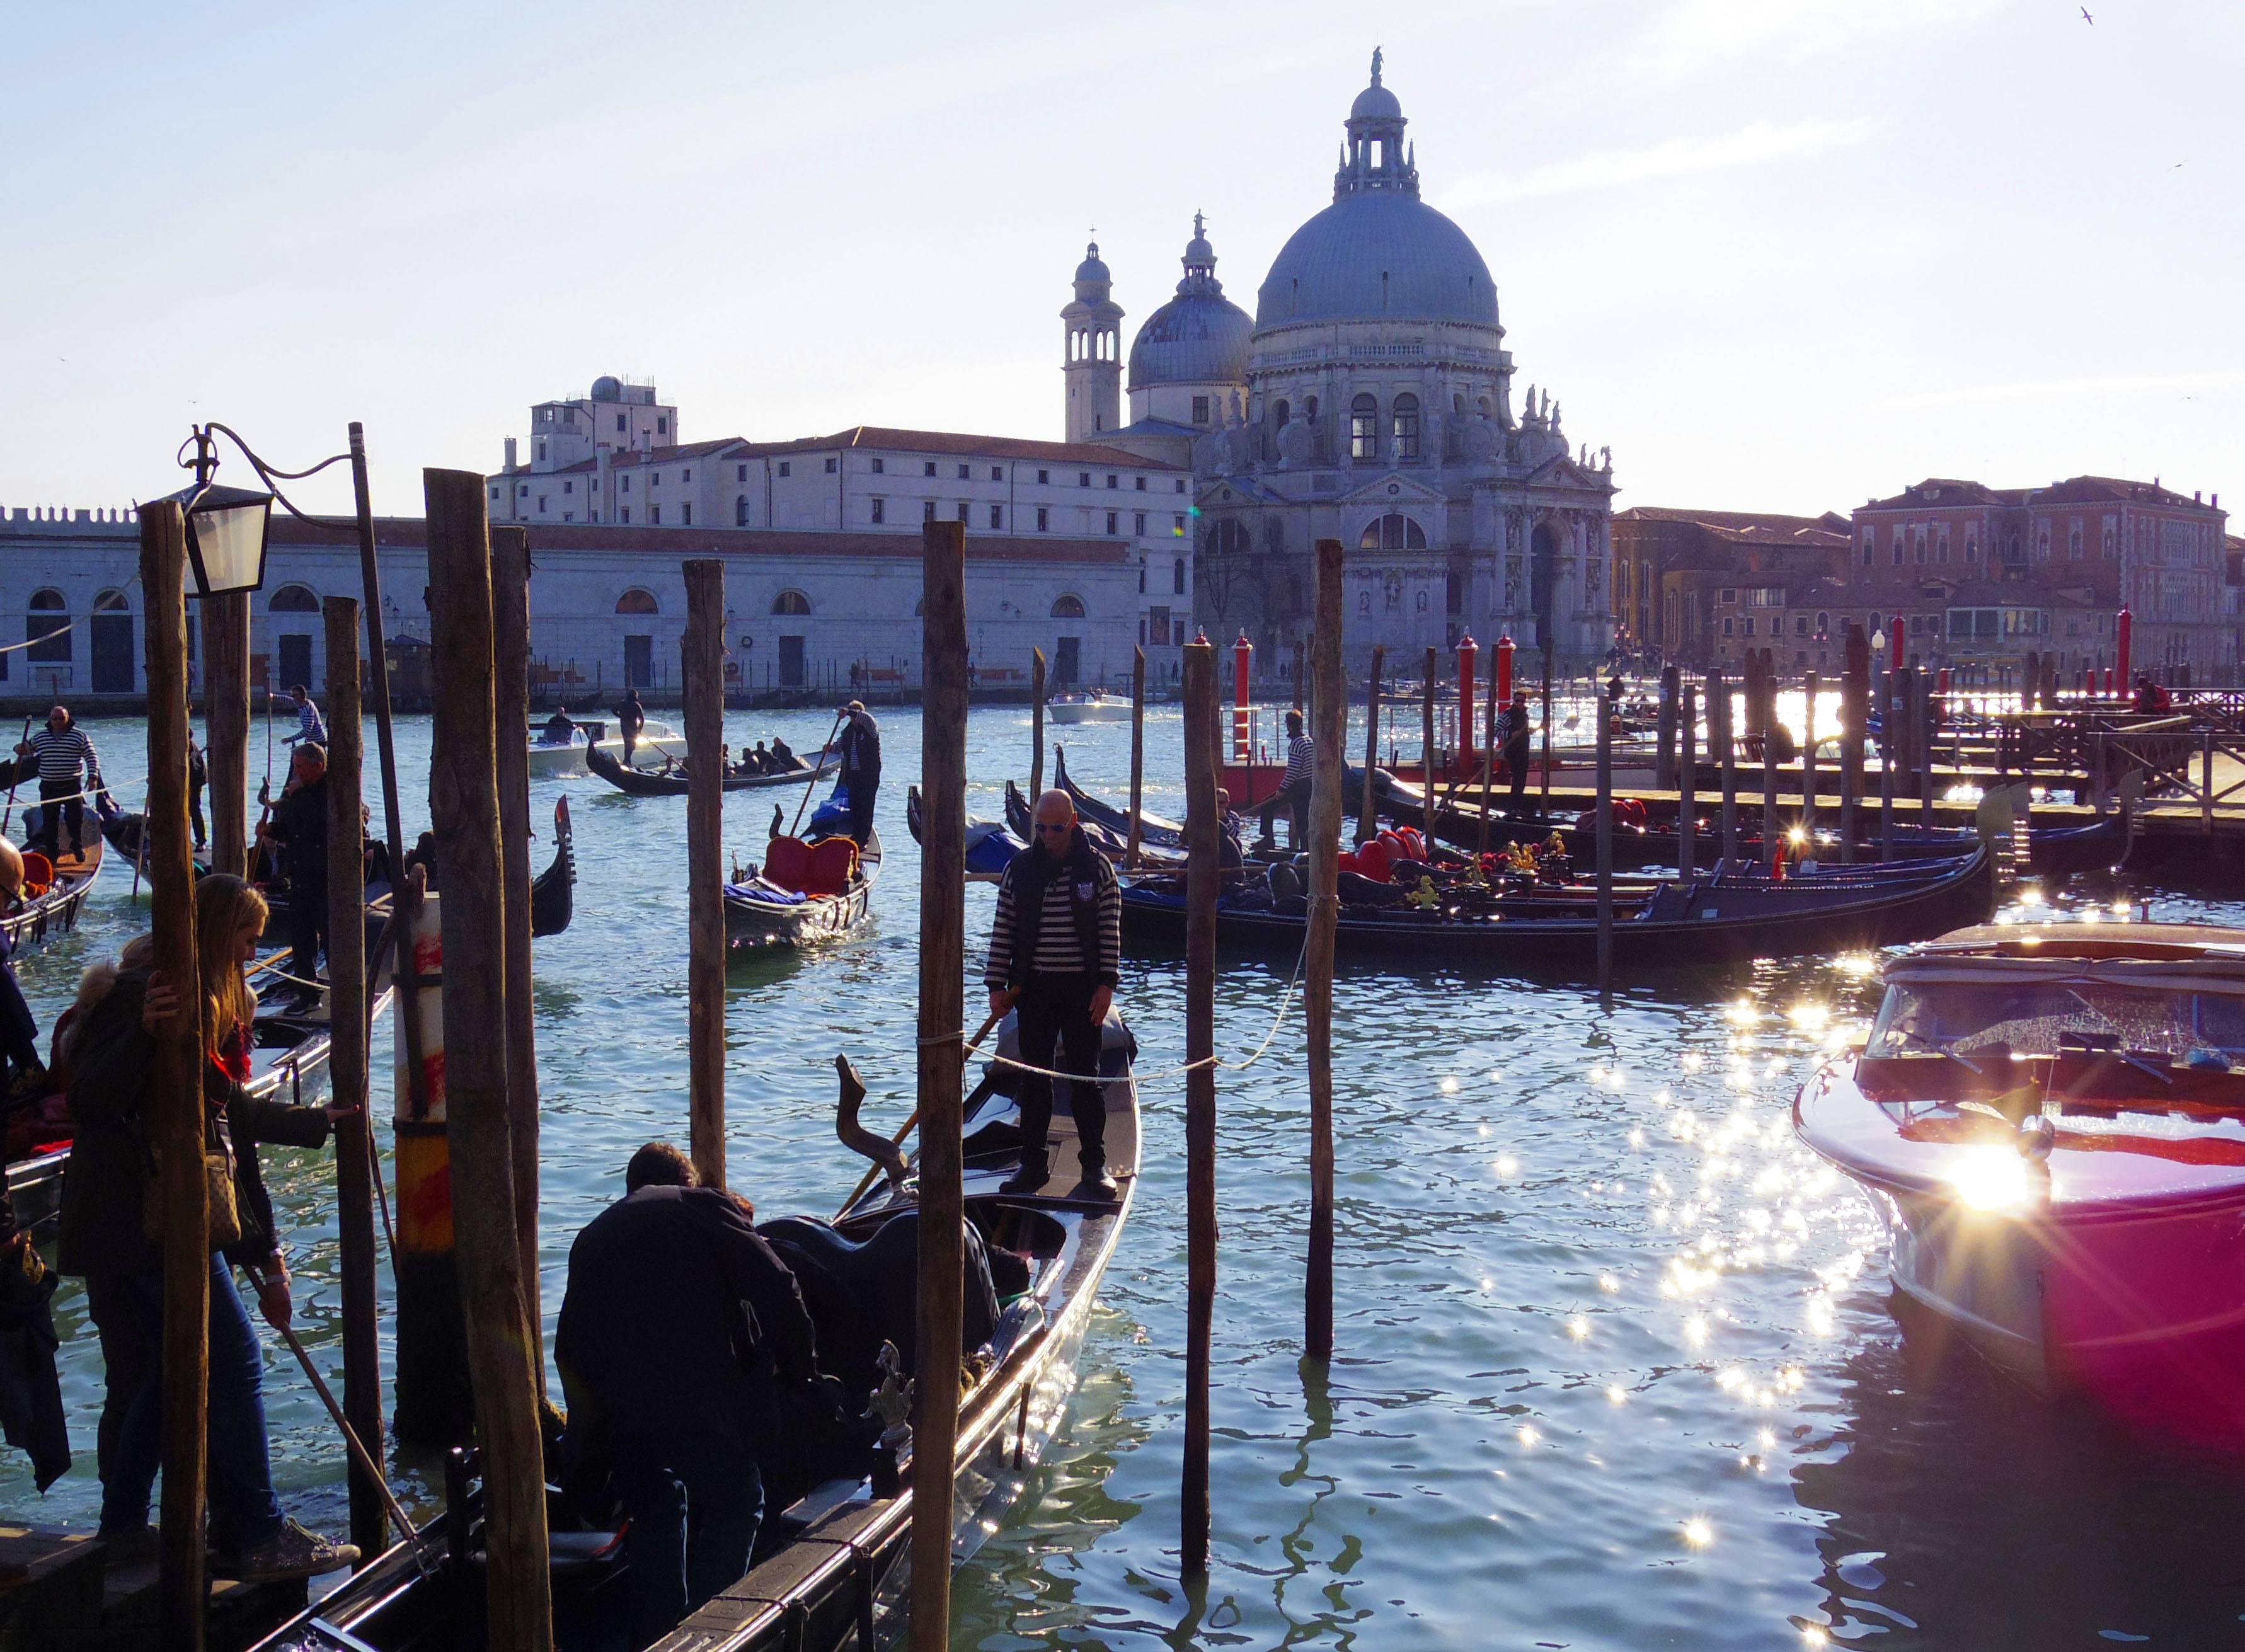 Photo 1: Venise et son grand canal